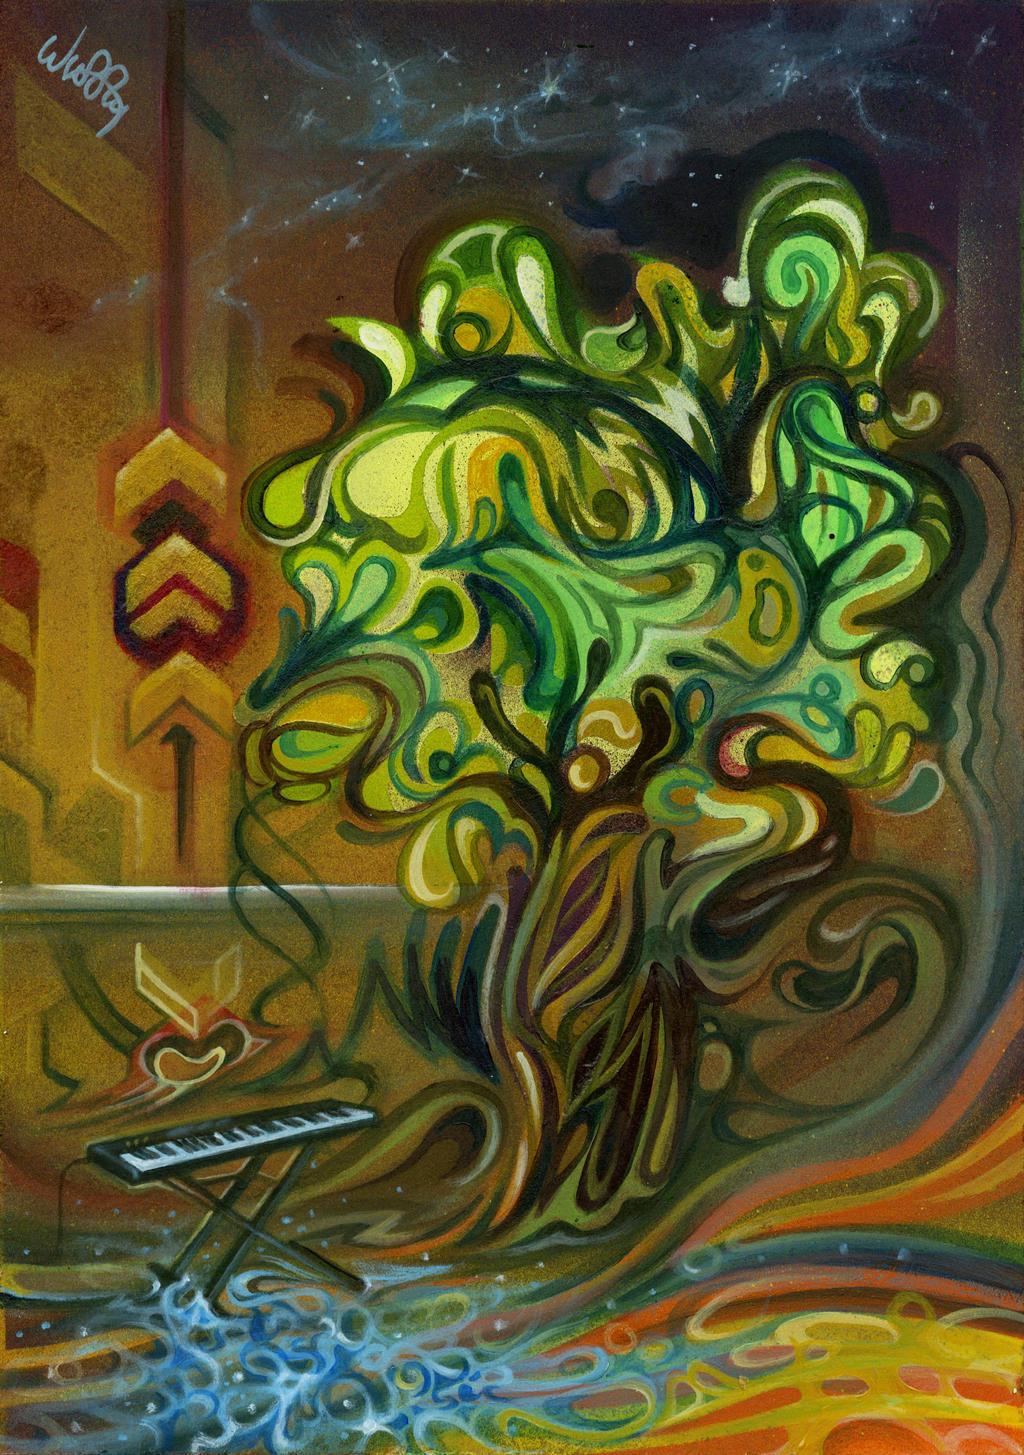 Techno tree by Wuzzymane